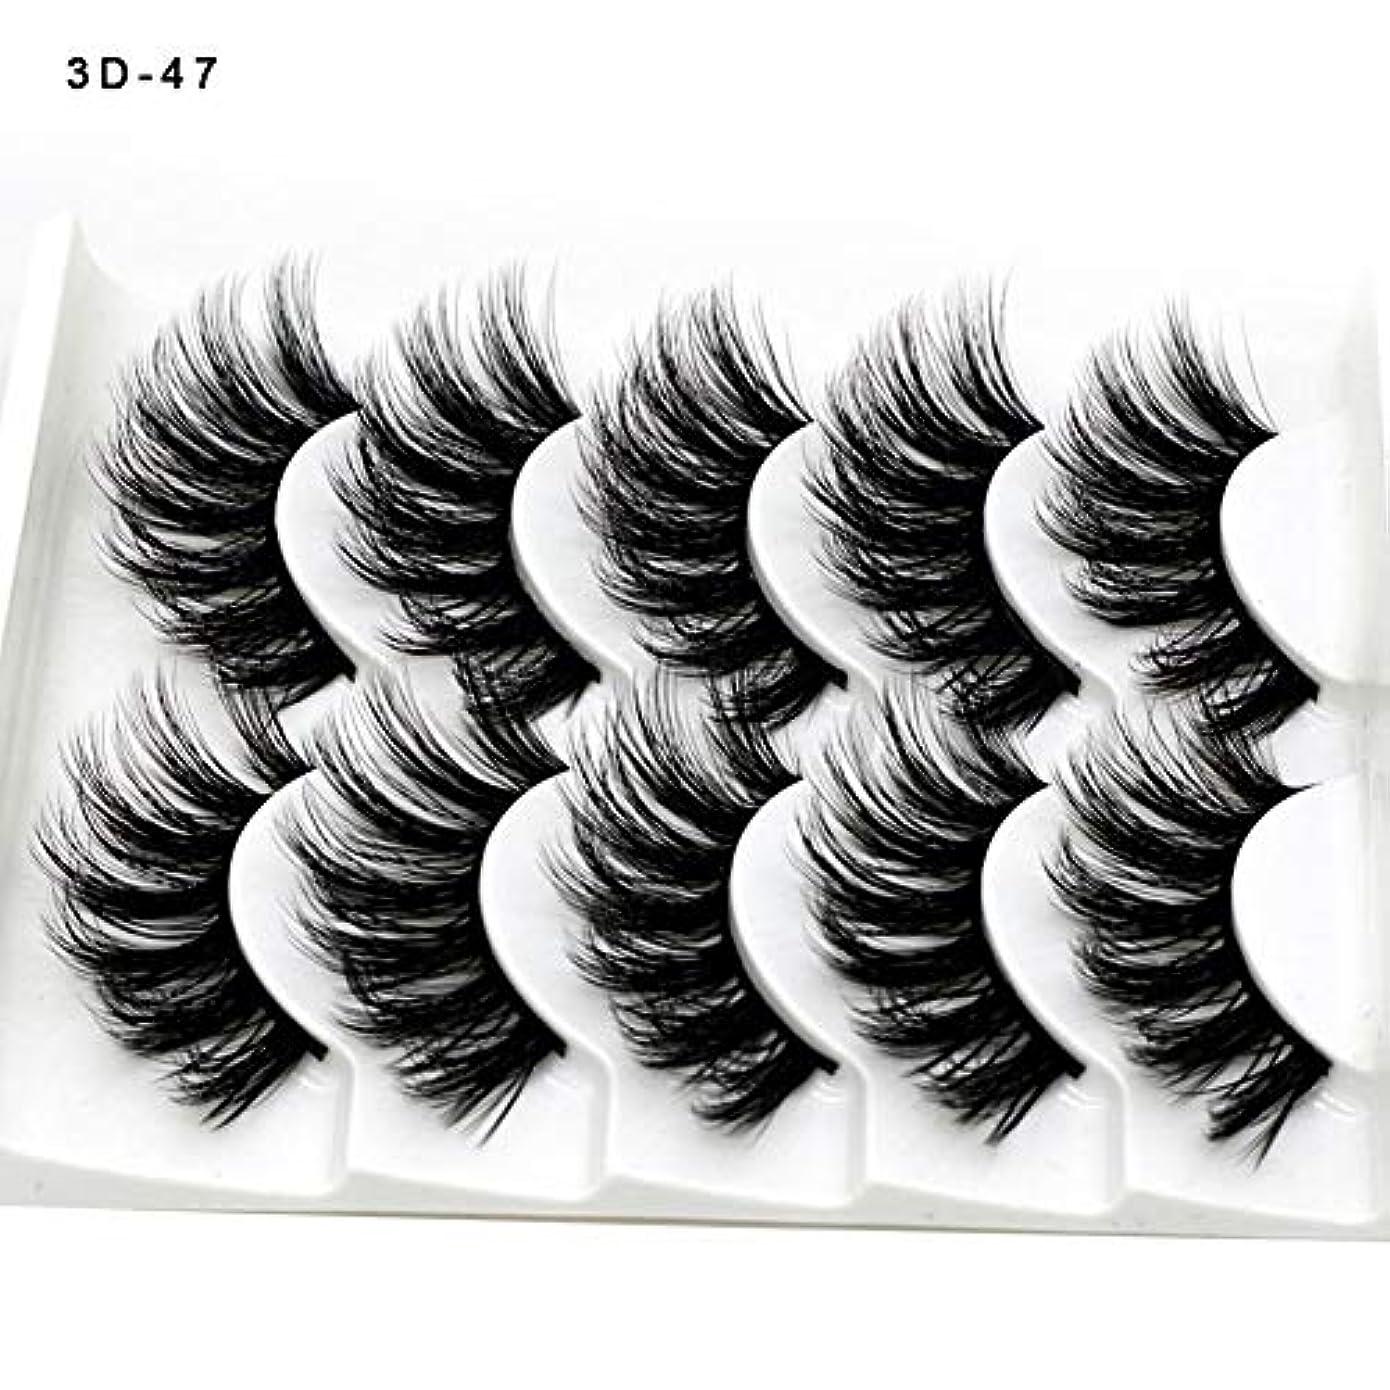 主権者昇る聡明SILUN つけまつげ 5ペア つけまつ毛 3D 上まつげ 100%手作り 自然 濃密 メイクアップ ナチュラル 長持ち ピュアナチュラル まつげエクステ ふんわり 大人気